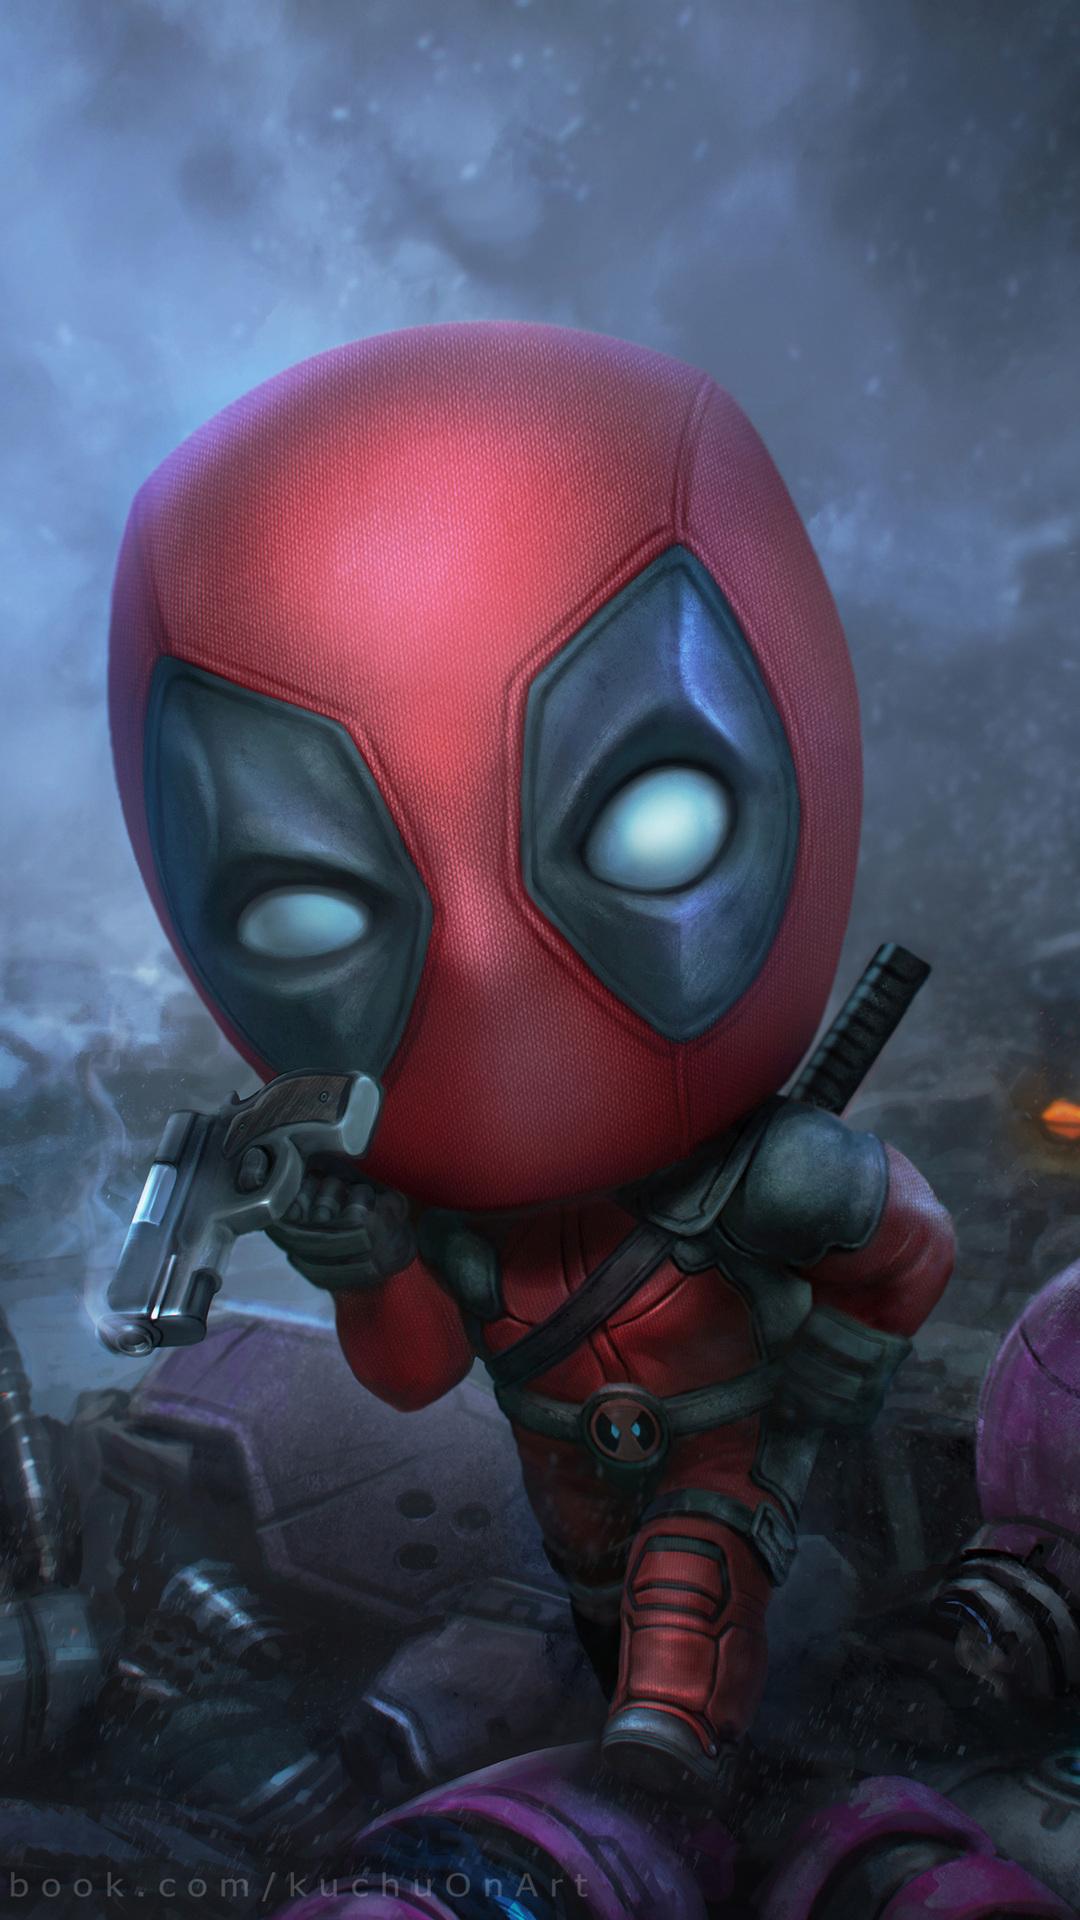 Deadpool Fan Art (Iphone 7,6s,6 Plus, Pixel xl ,One Plus 3,3t,5)